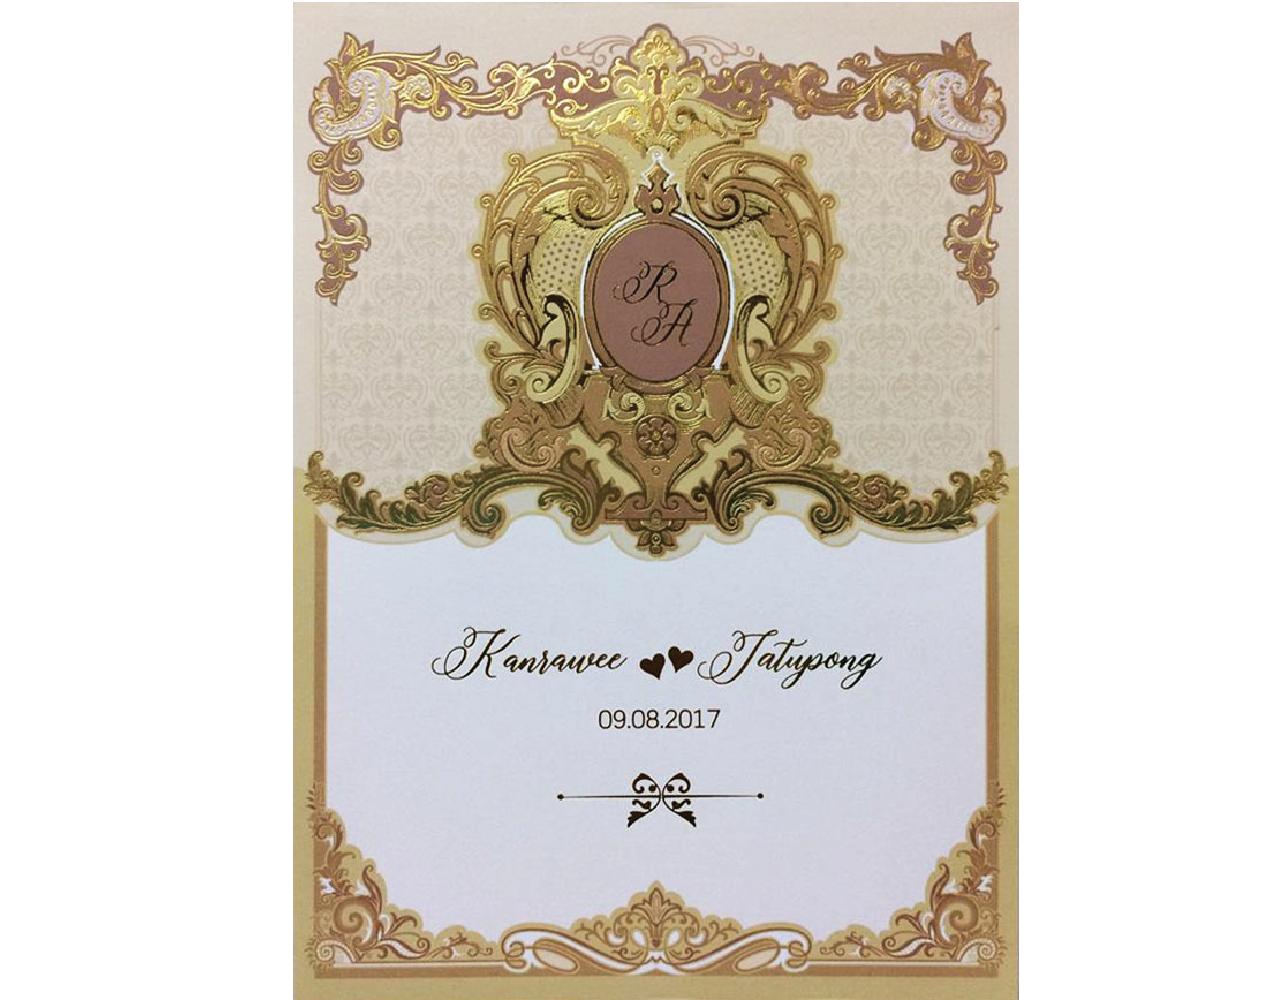 การ์ดแต่งงาน WS 1705 สีครีม Wedding card 21.3 x 15.3 cm